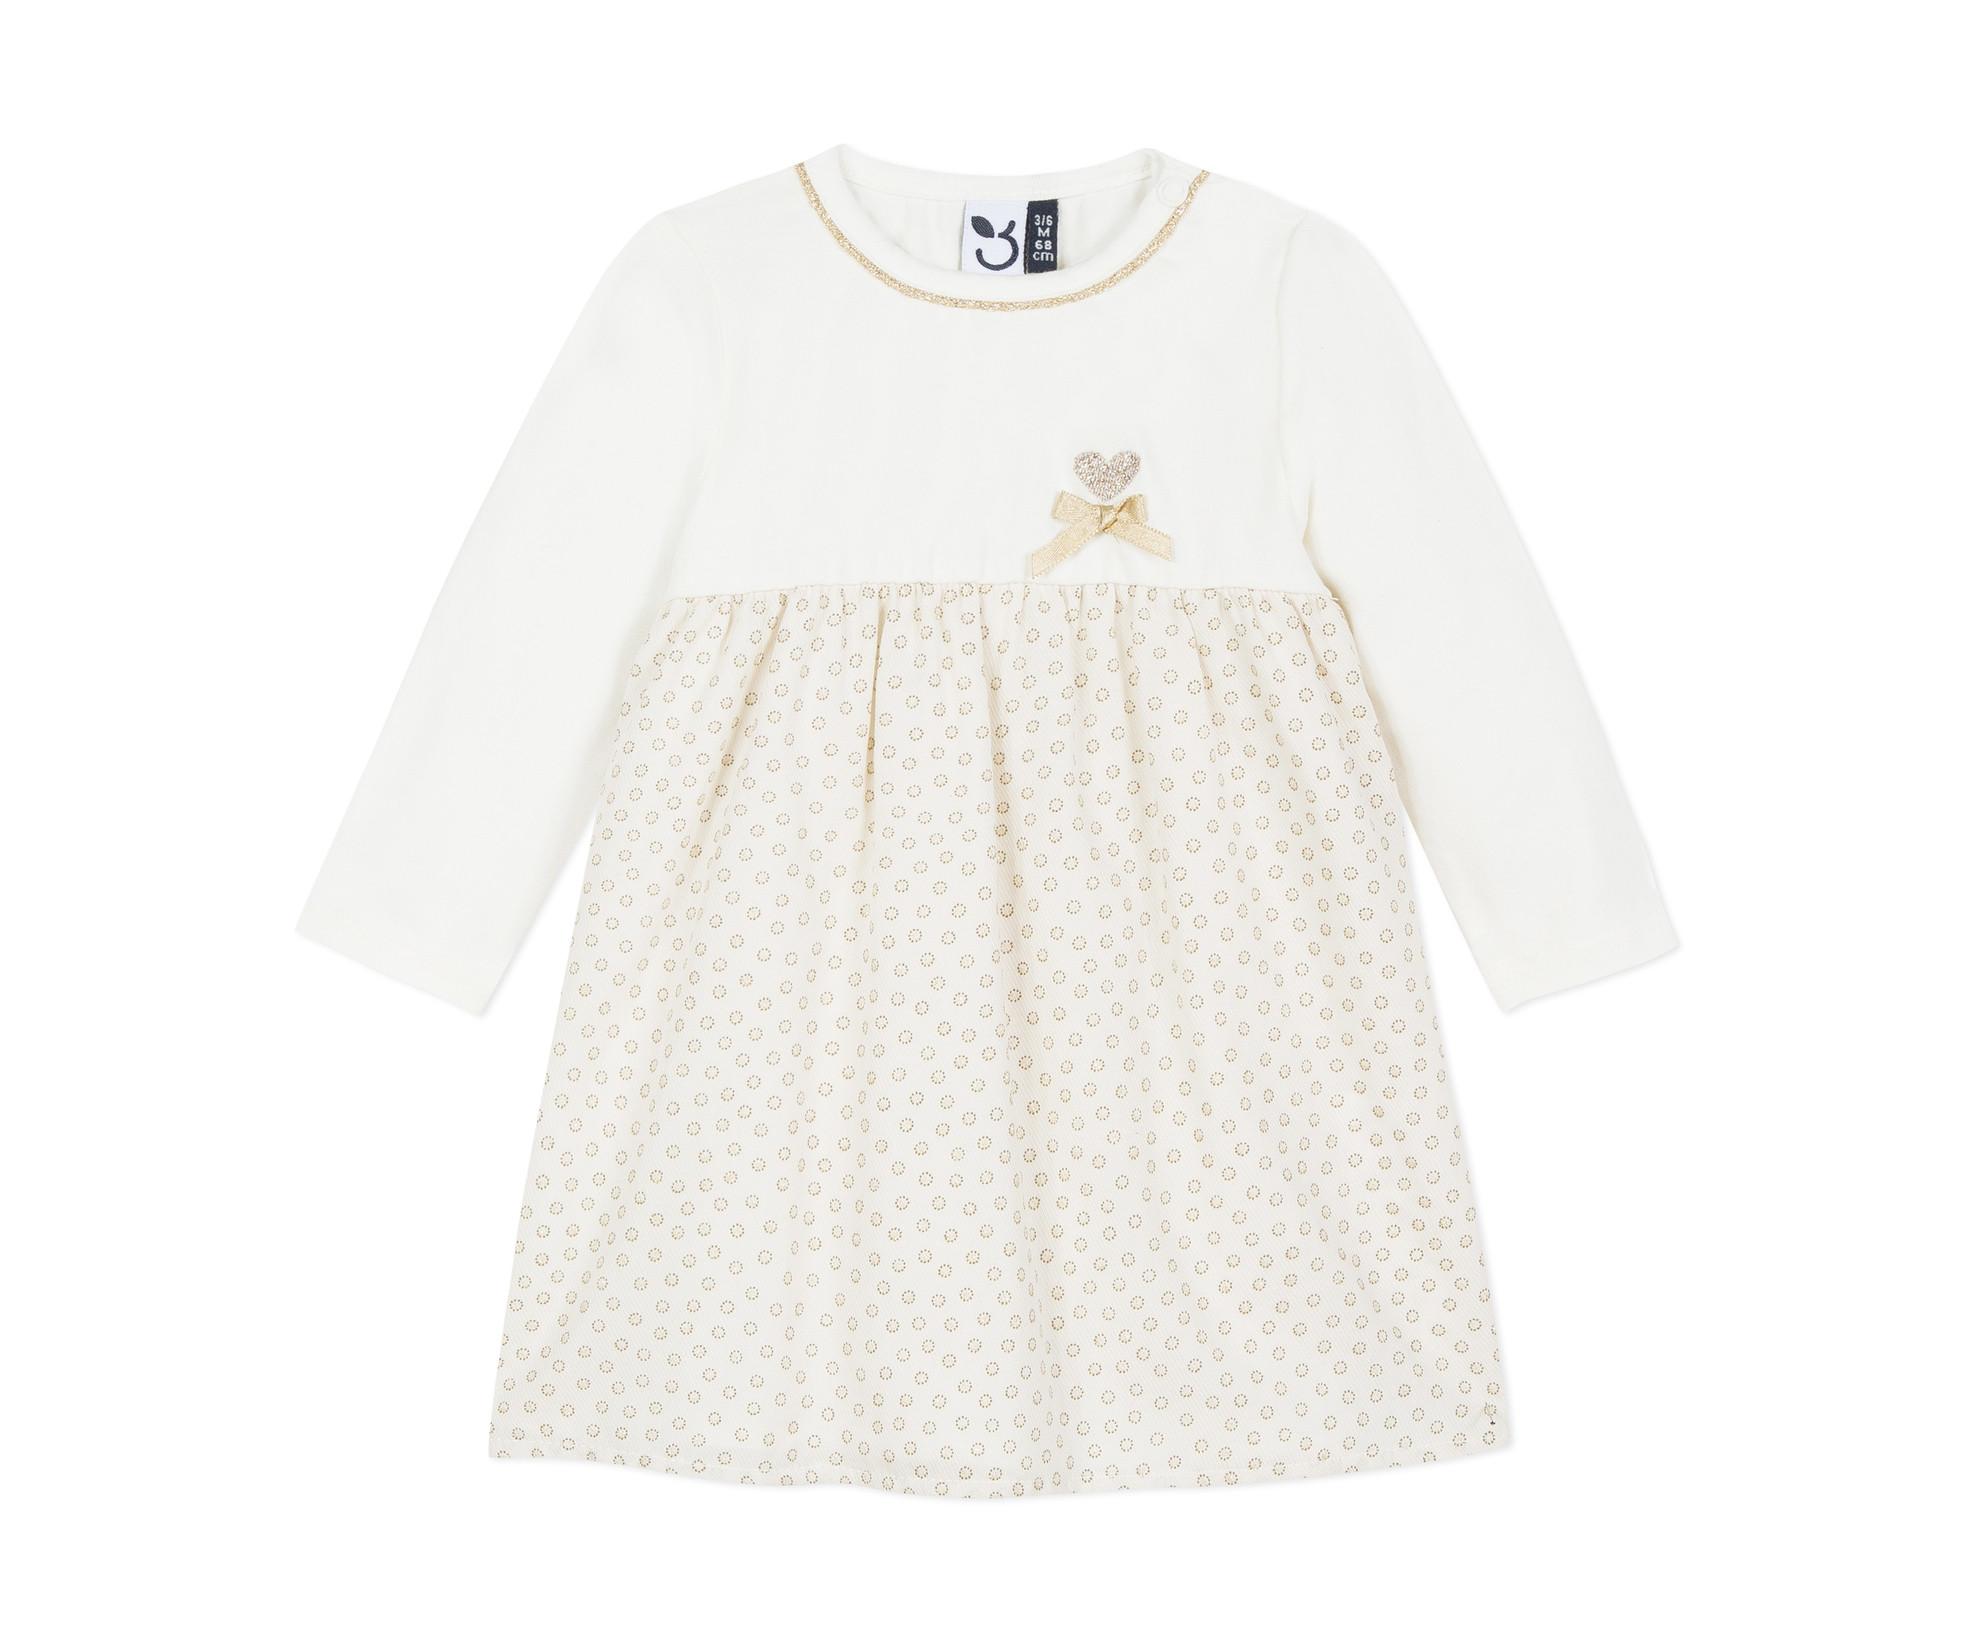 Детска рокля с дълъг ръкав 3Pommes 3P30152-19, за възраст 6 м.-4 г.